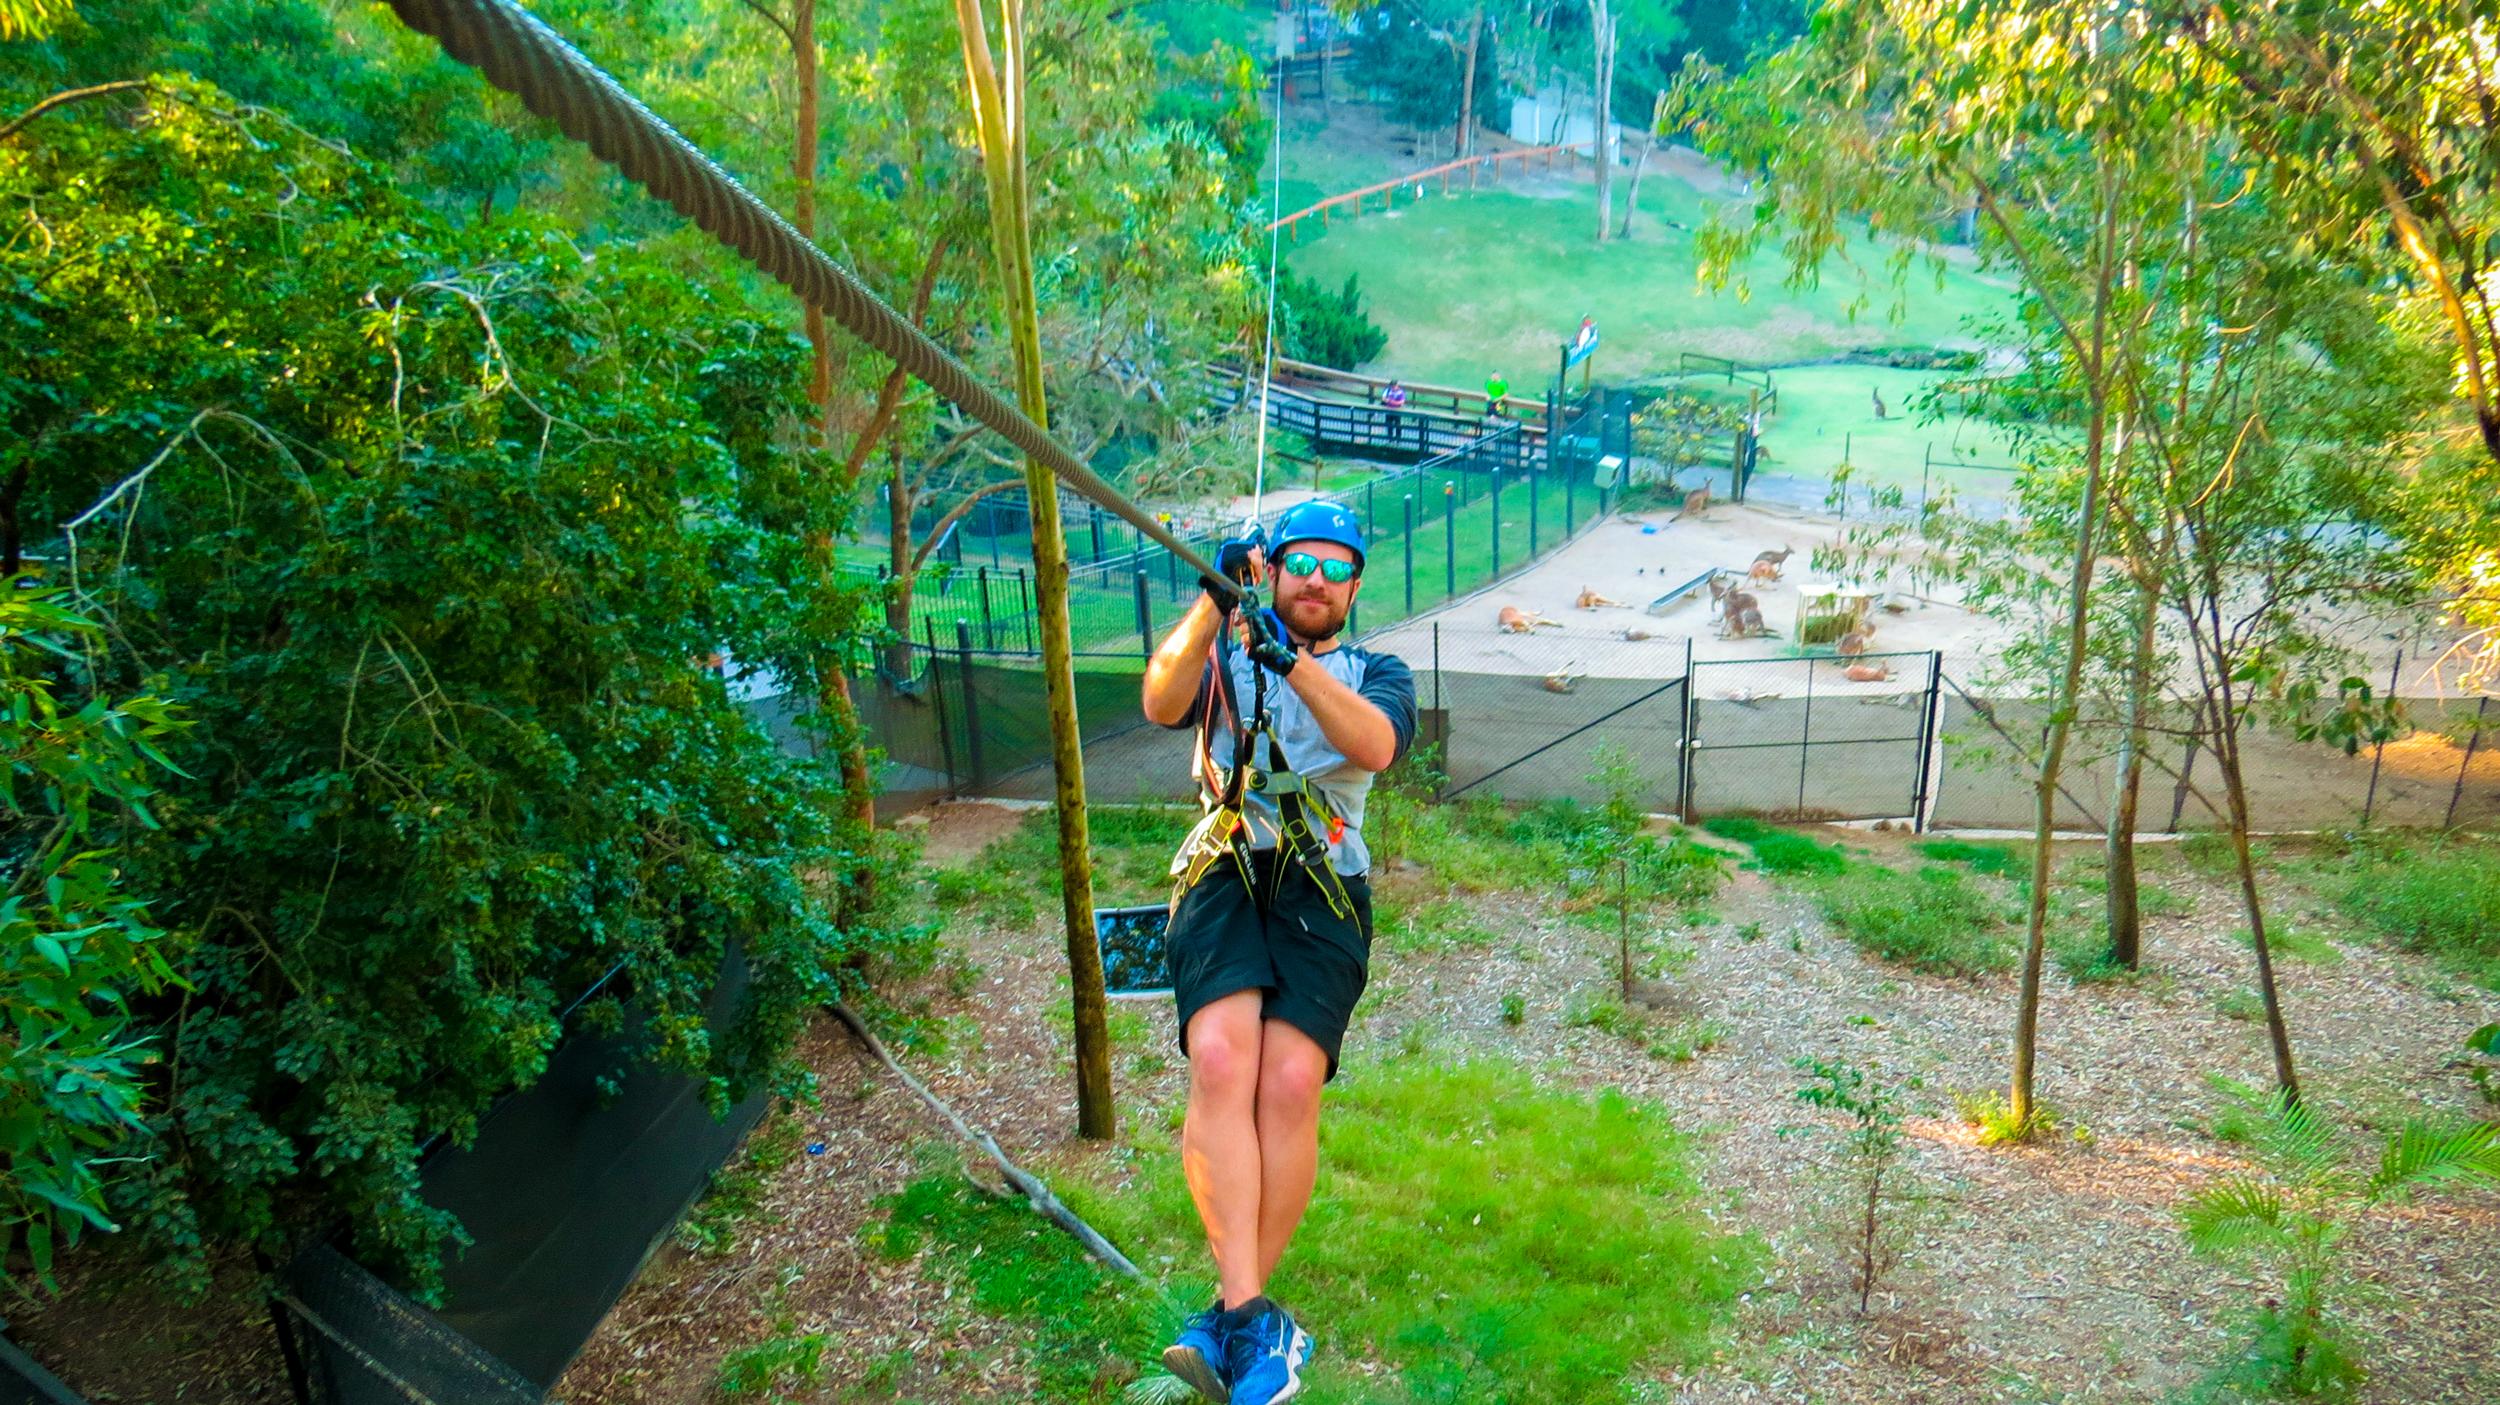 TreeTop Challenge - Currumbin Wildlife Sanctuary